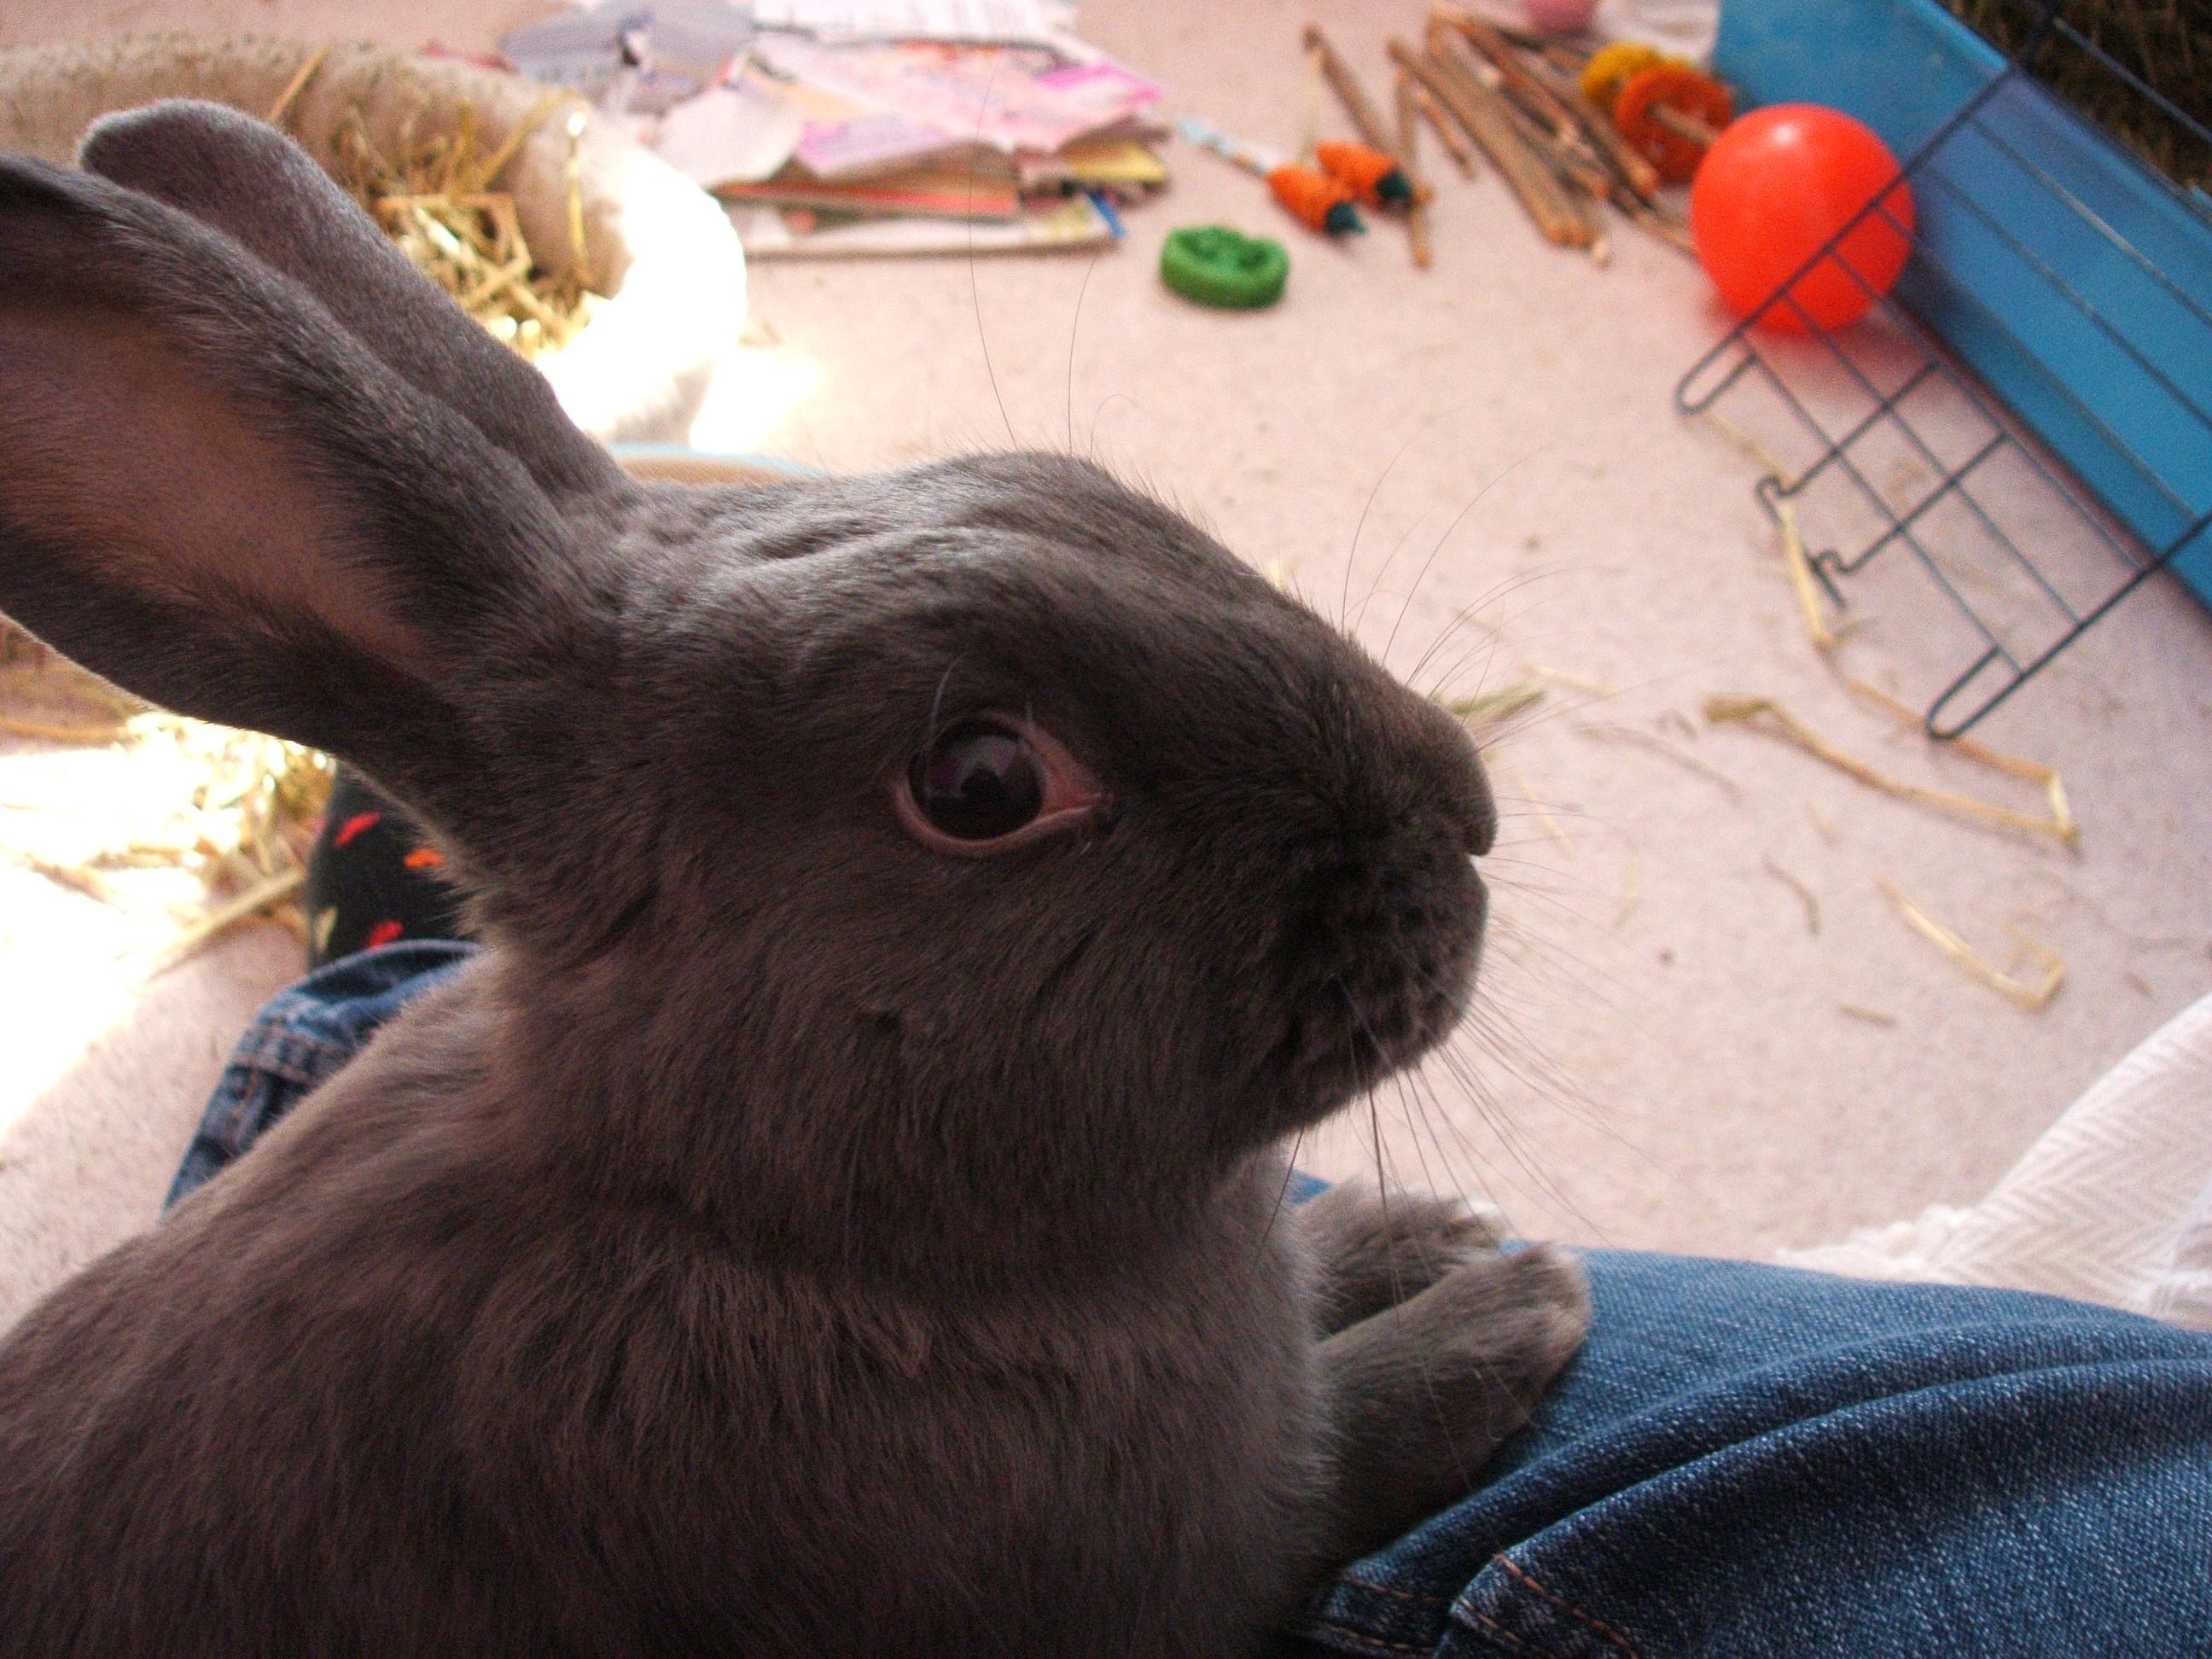 My tiny bunny